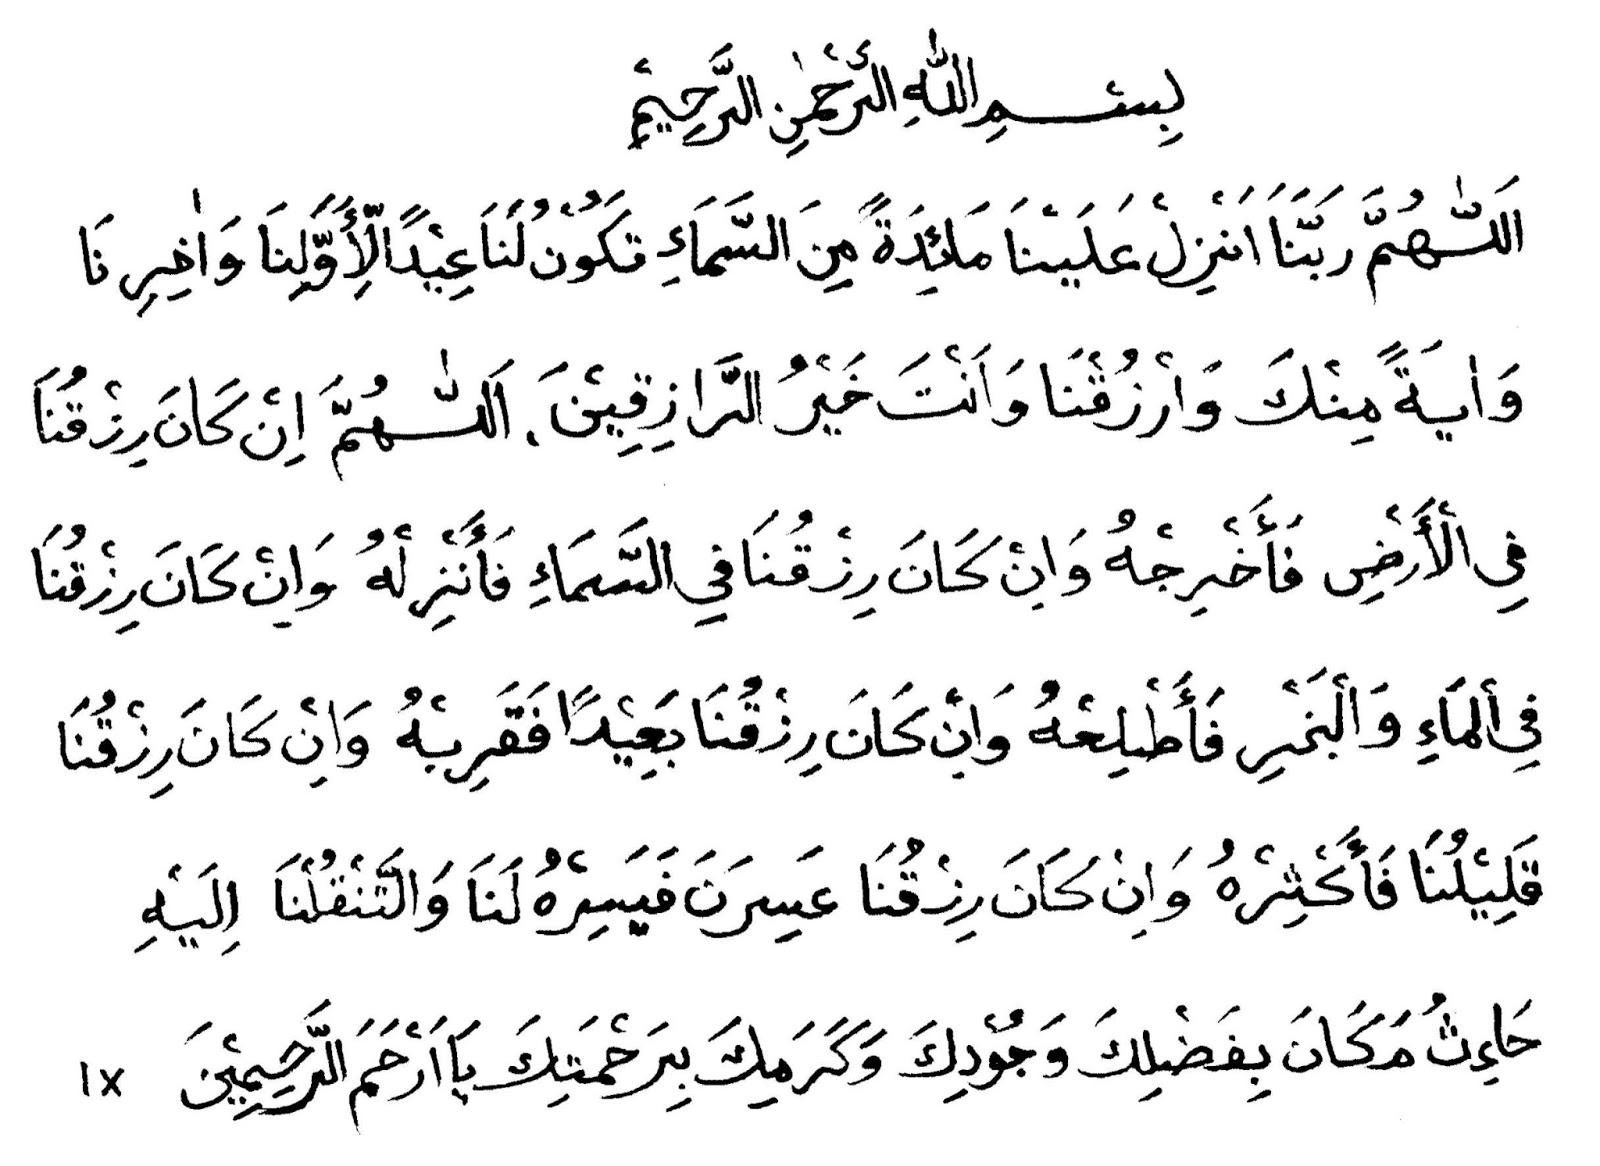 و السـلام عليكم ورحمة اللـه وبر كـاته